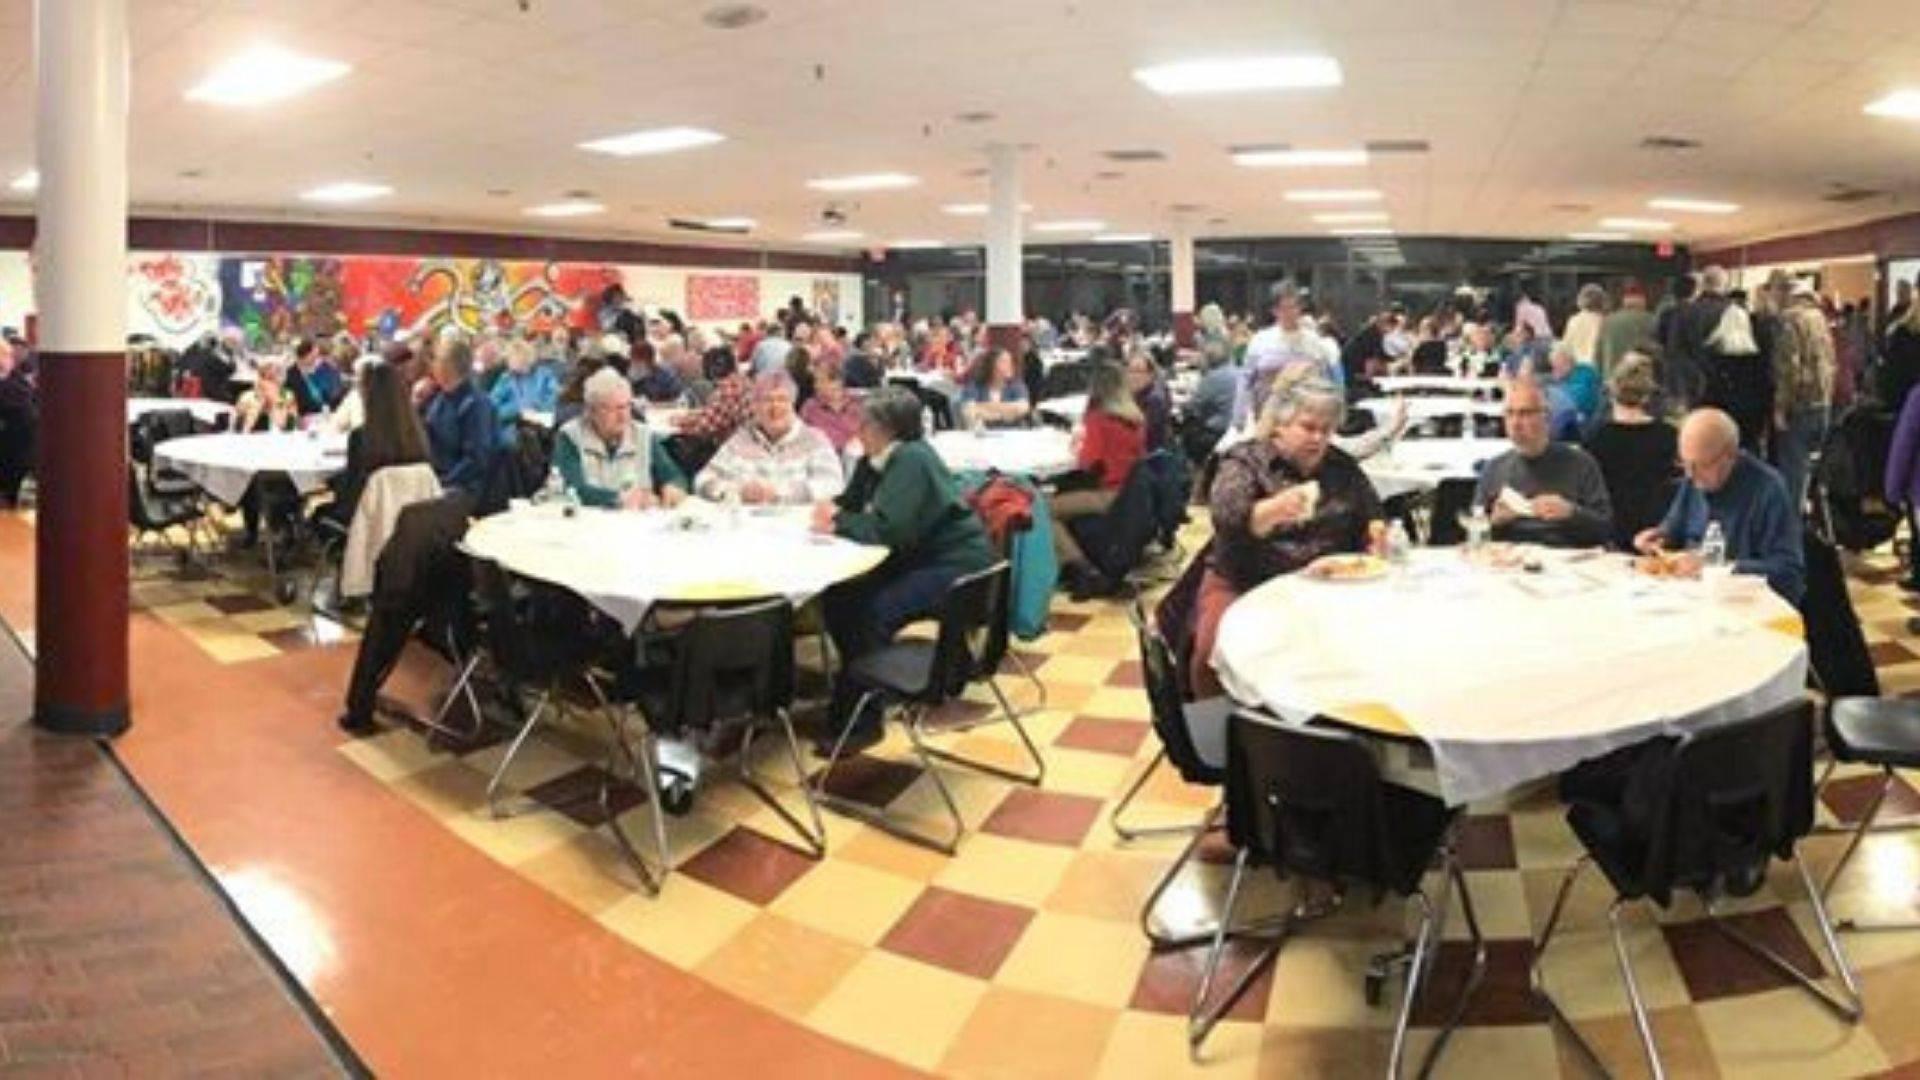 Jantar realizado no último dia 8 de janeiro com o intuito de arrecadar dinheiro para ajudar Barbara.   Foto: Facebook/ Baldacci Spaghetti Fundraiser Dinner for Barbara Hinckley